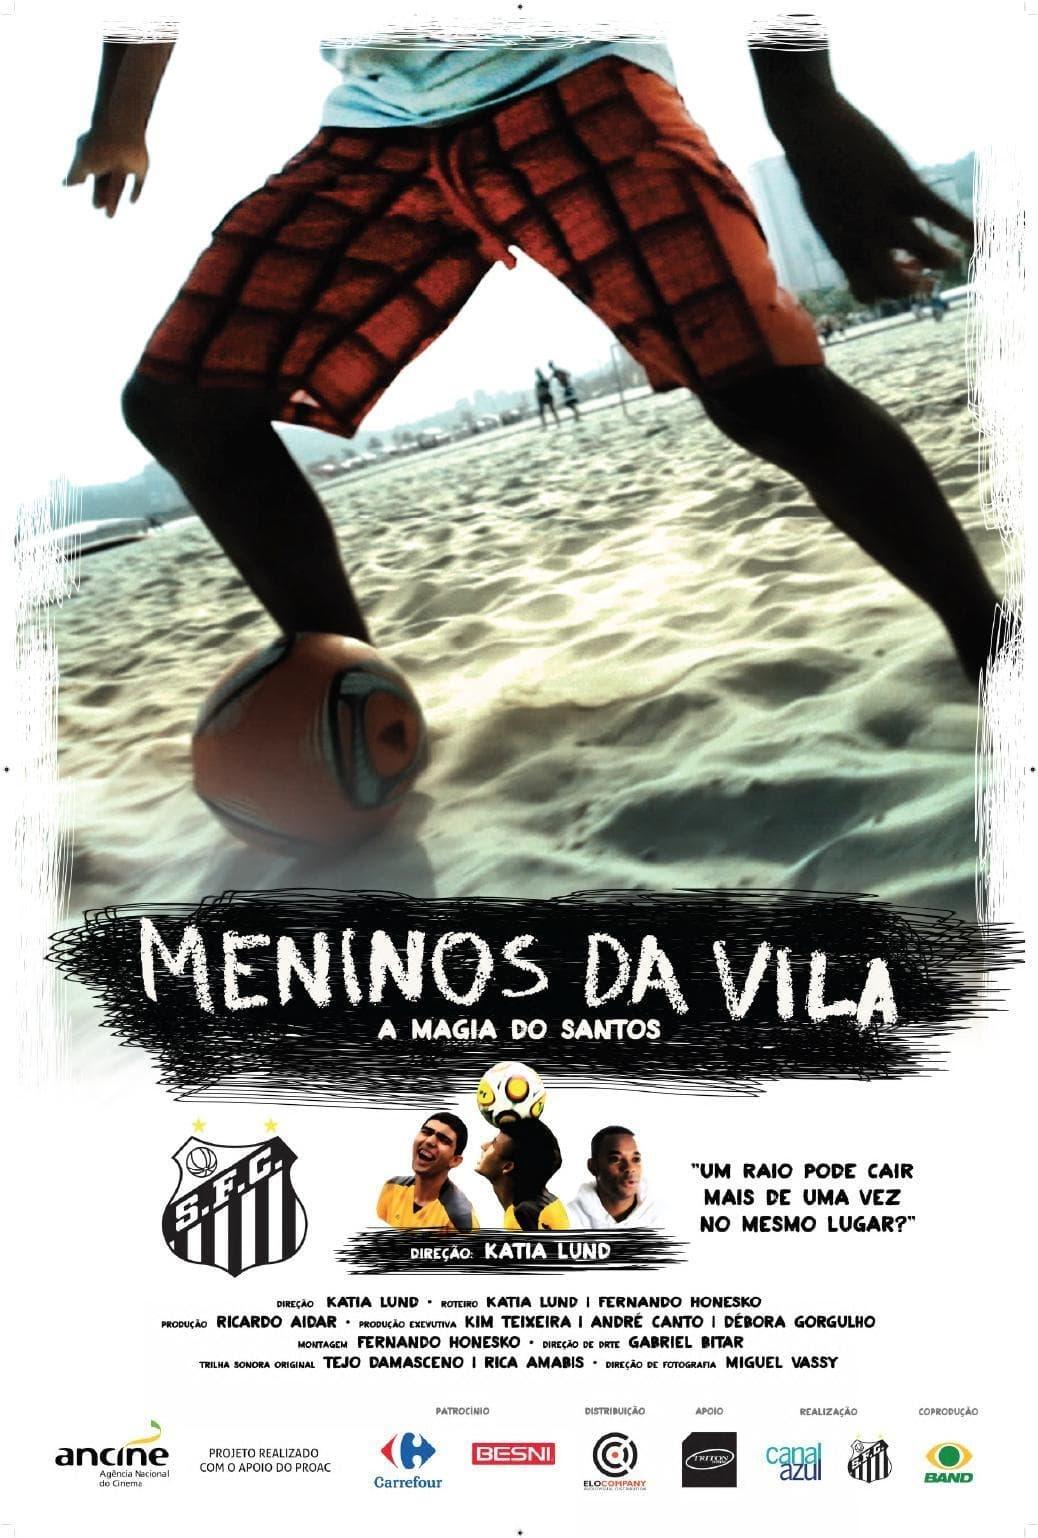 Meninos da Vila, a Magia do Santos